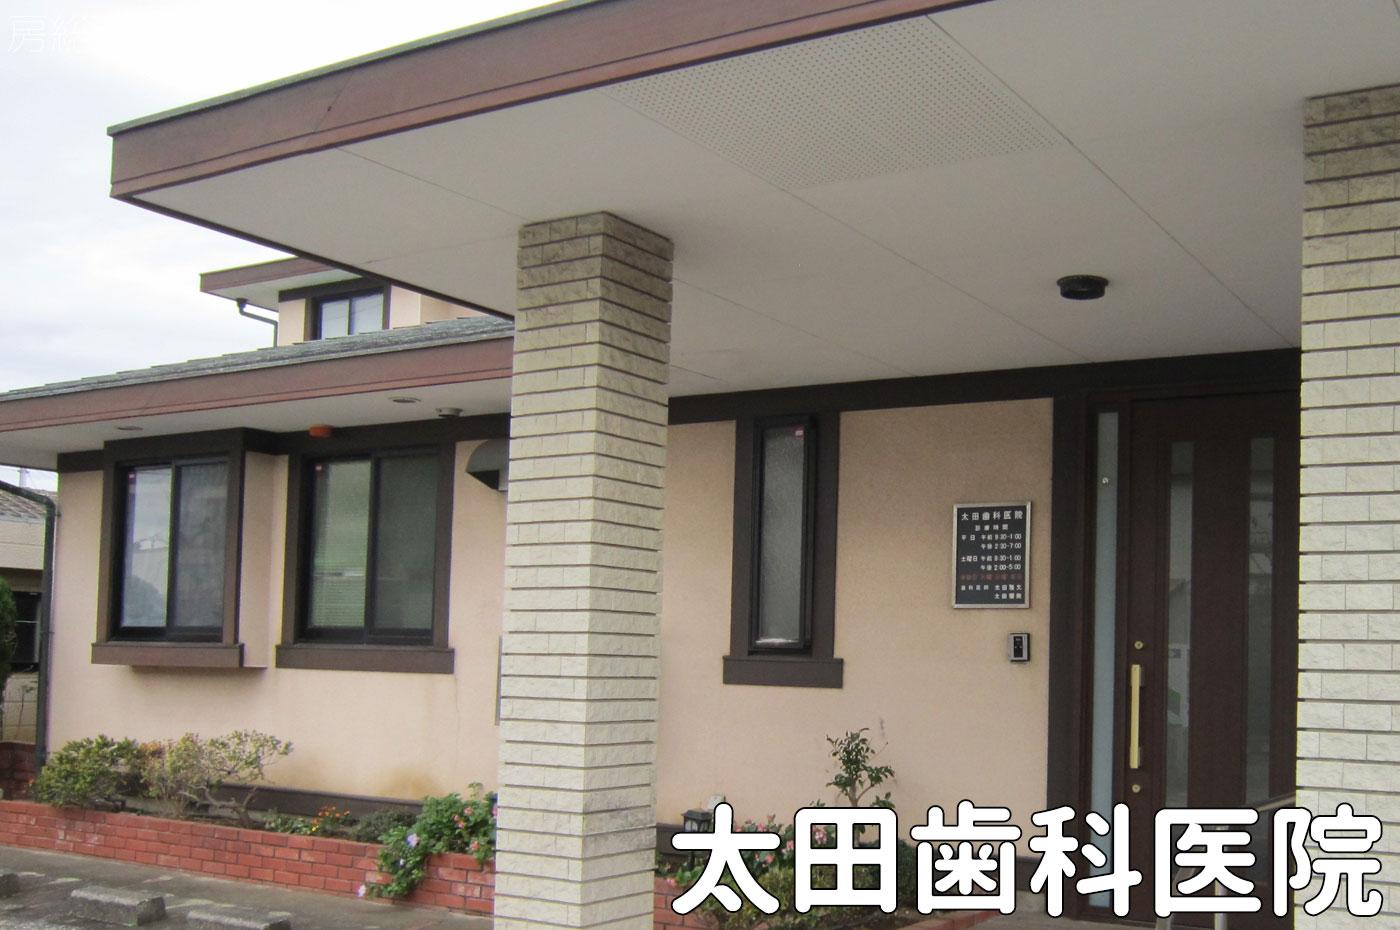 太田歯科医院の外観